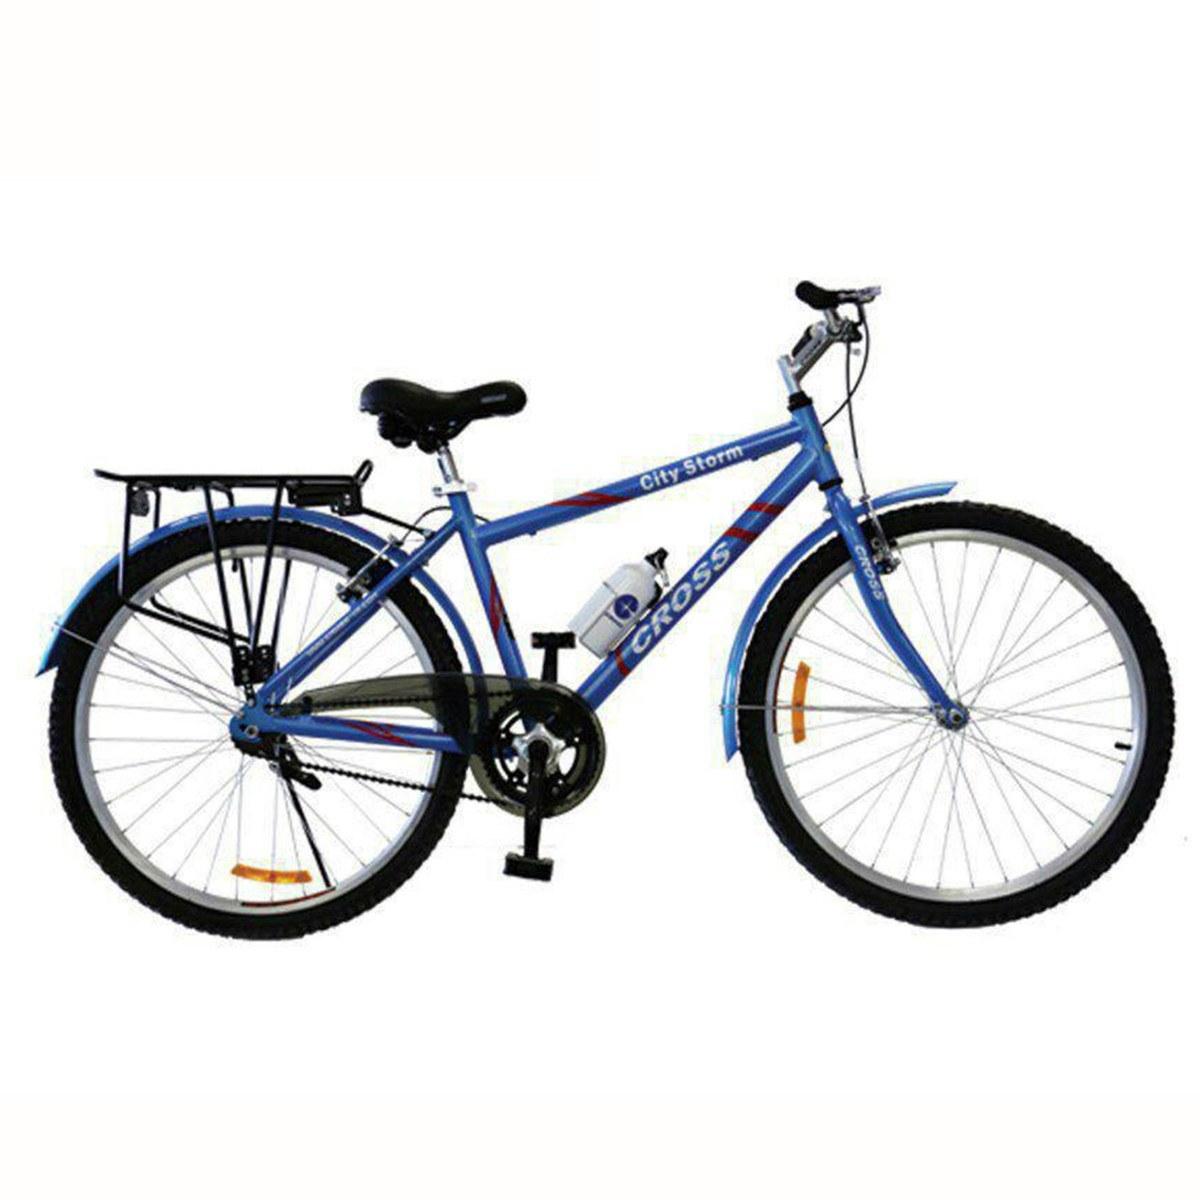 دوچرخه شهری کراس مدل CITY STORM  سایز 26 اینچ |